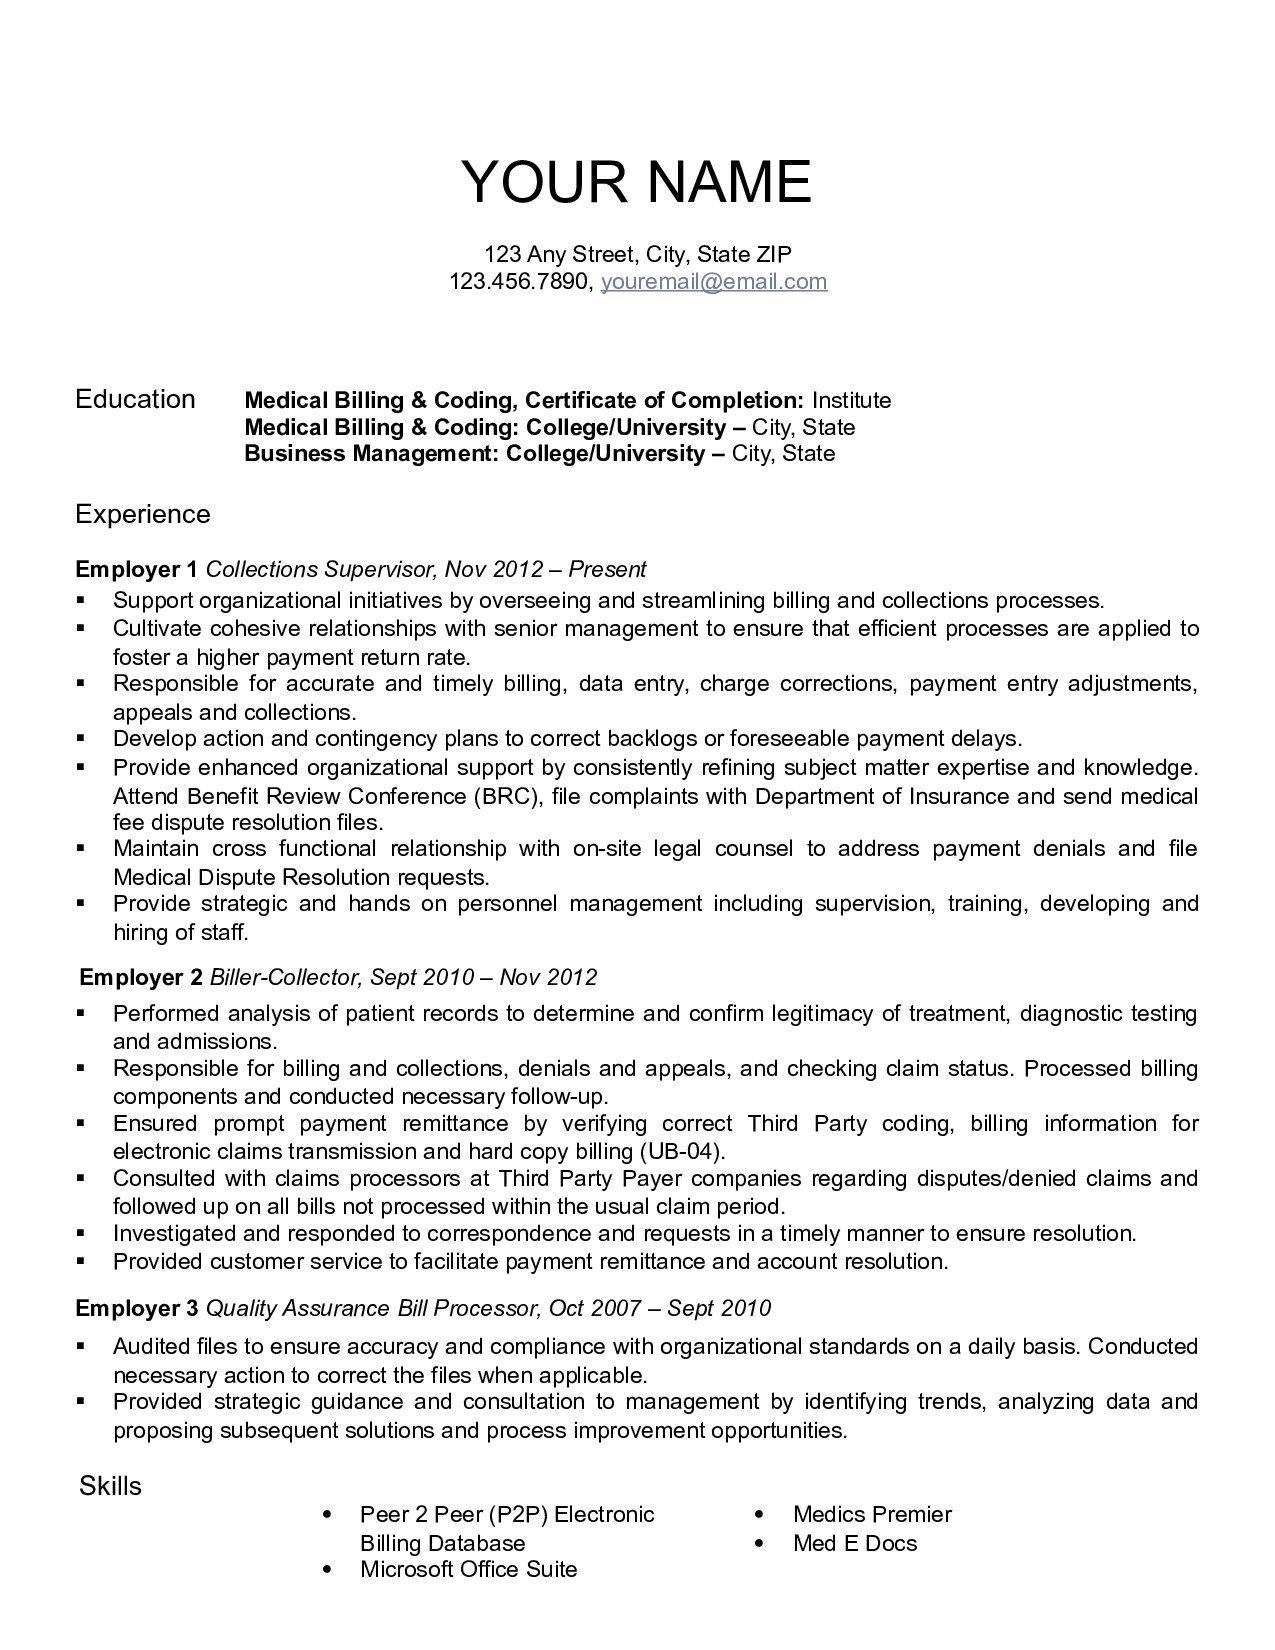 Objective For Medical Billing Resume